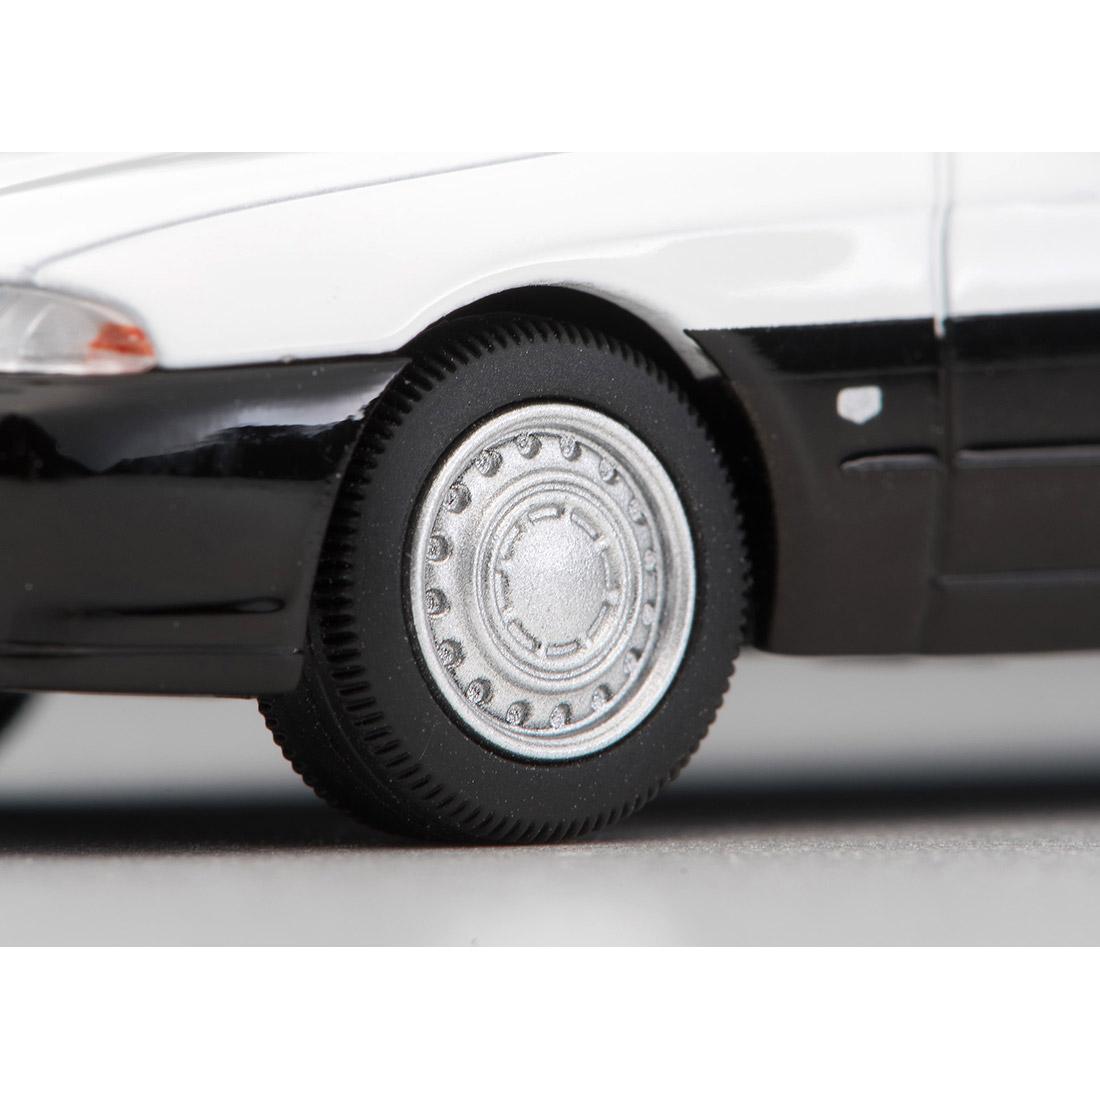 トミカリミテッド ヴィンテージ ネオ TLV-NEO『LV-N212a スカイラインパトロールカー』ミニカー-007